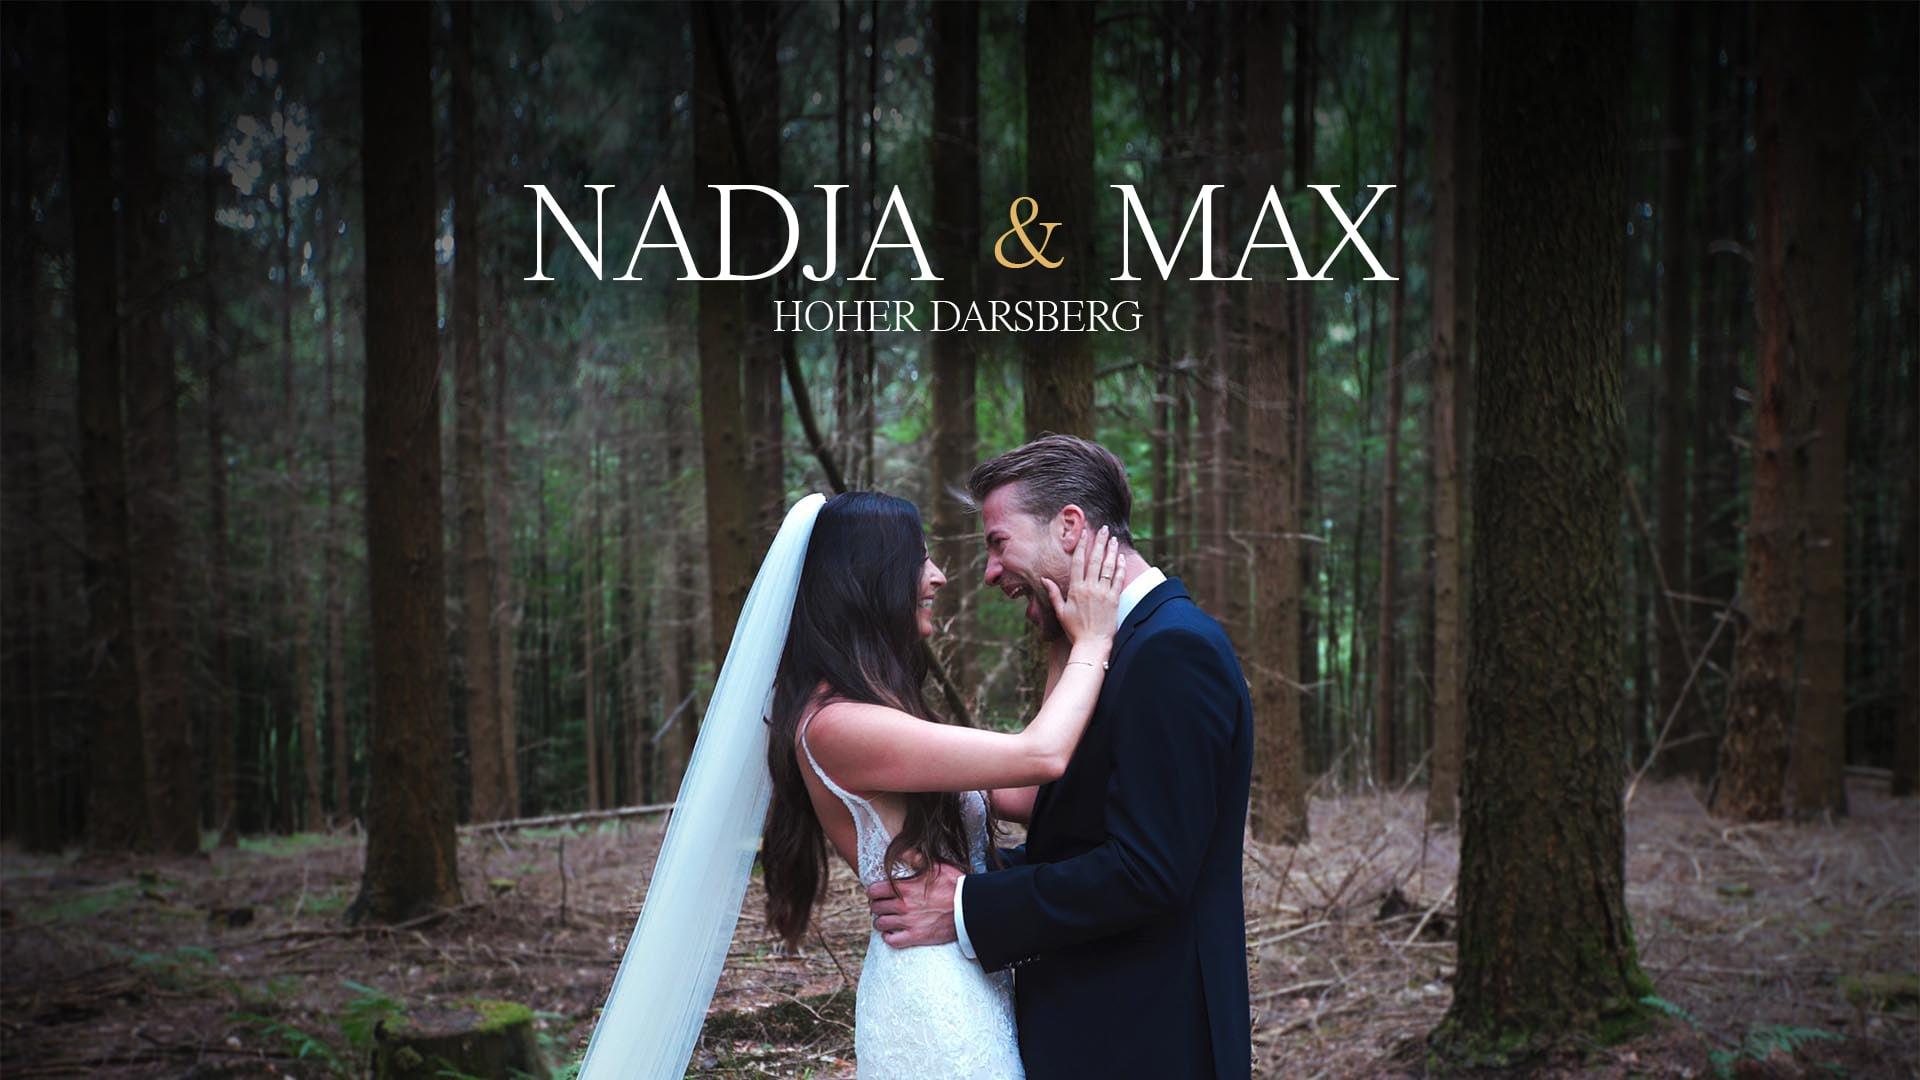 Nadja & Max - extrem emotionaler First Look   Hoher Darsberg, Neckarsteinach   Hochzeitsvideo Heidelberg [4K w.eng sub.]